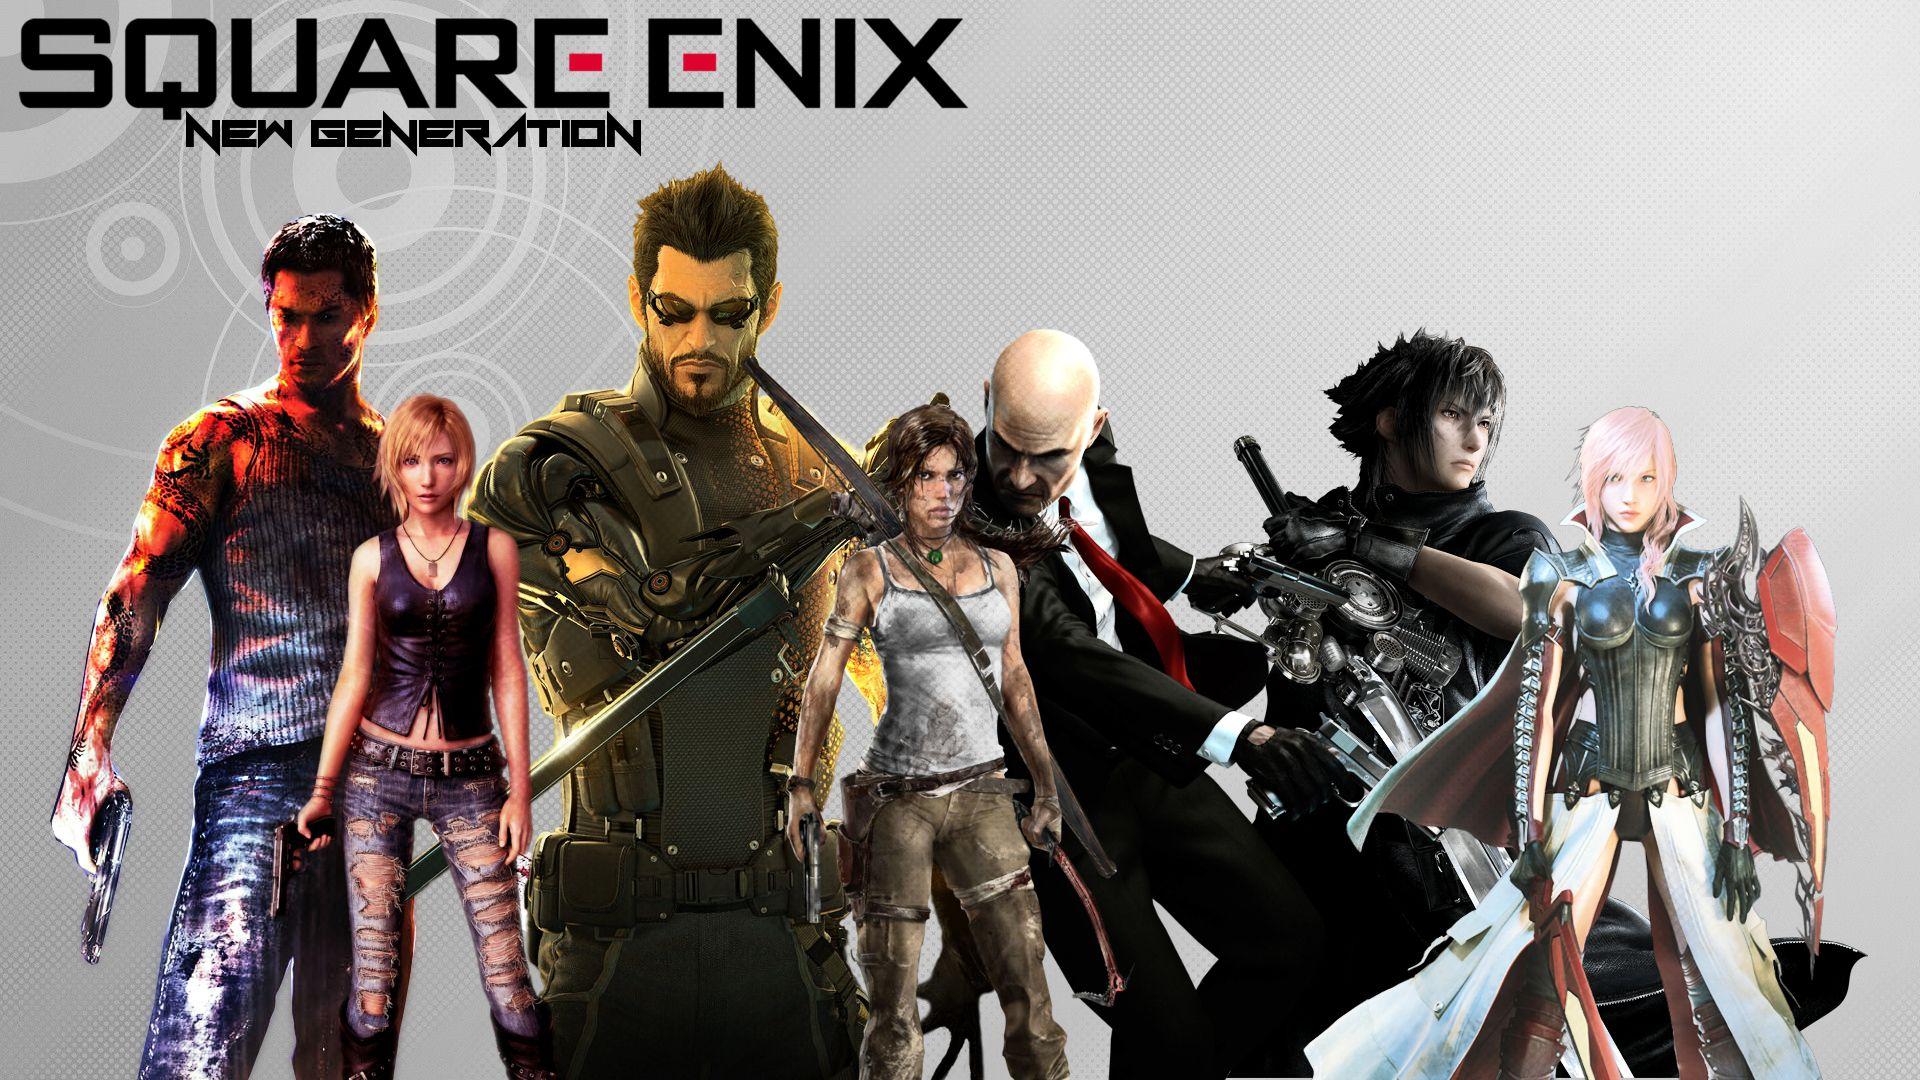 Square Enix anuncia Kingdom Hearts e Lara Croft para Android (E3 2015) - http://hexamob.com/pt-br/news-pr-br/square-enix-anuncia-kingdom-hearts-e-lara-croft-para-android-e3-2015/